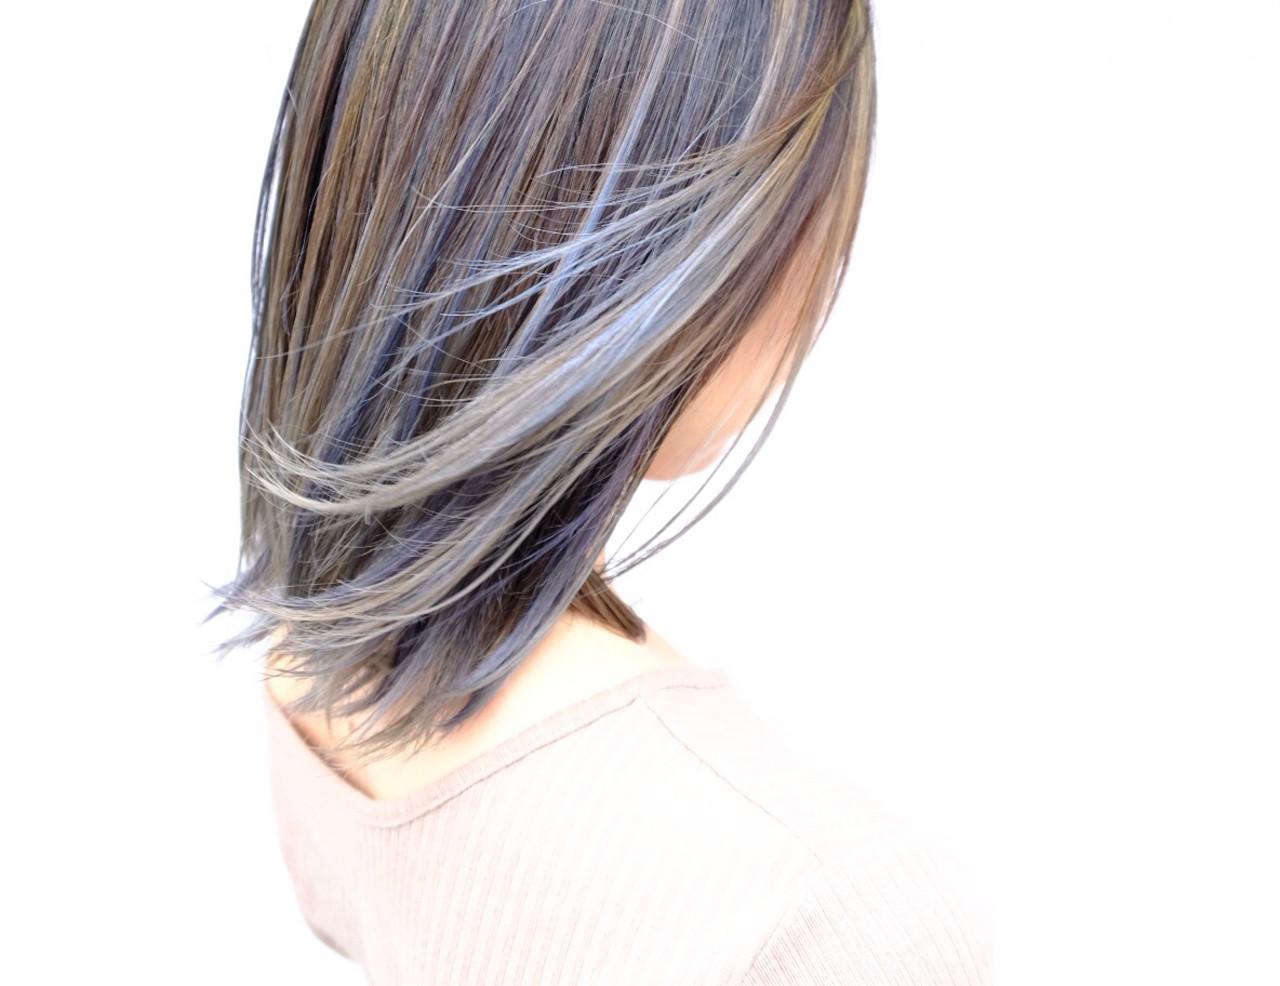 ブリーチオンカラー ブリーチカラー ハイライト バレイヤージュ ヘアスタイルや髪型の写真・画像